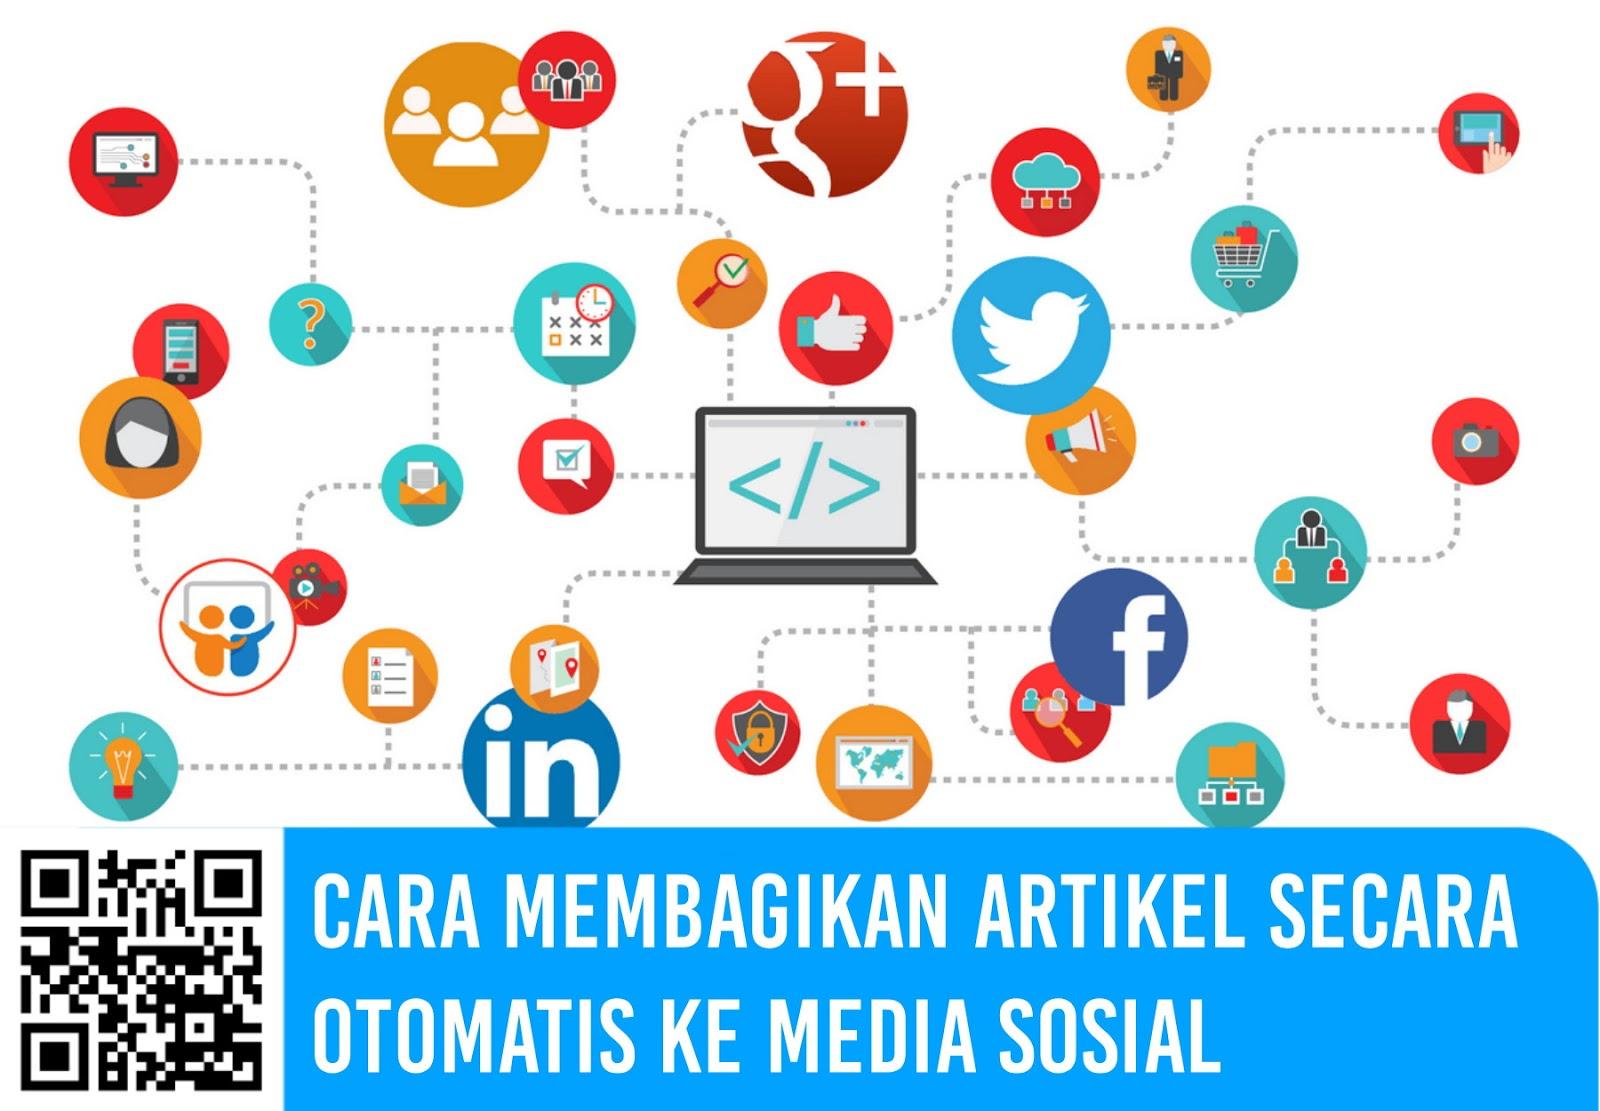 Cara Membagikan Artikel Blog Secara Otomatis ke Media Sosial